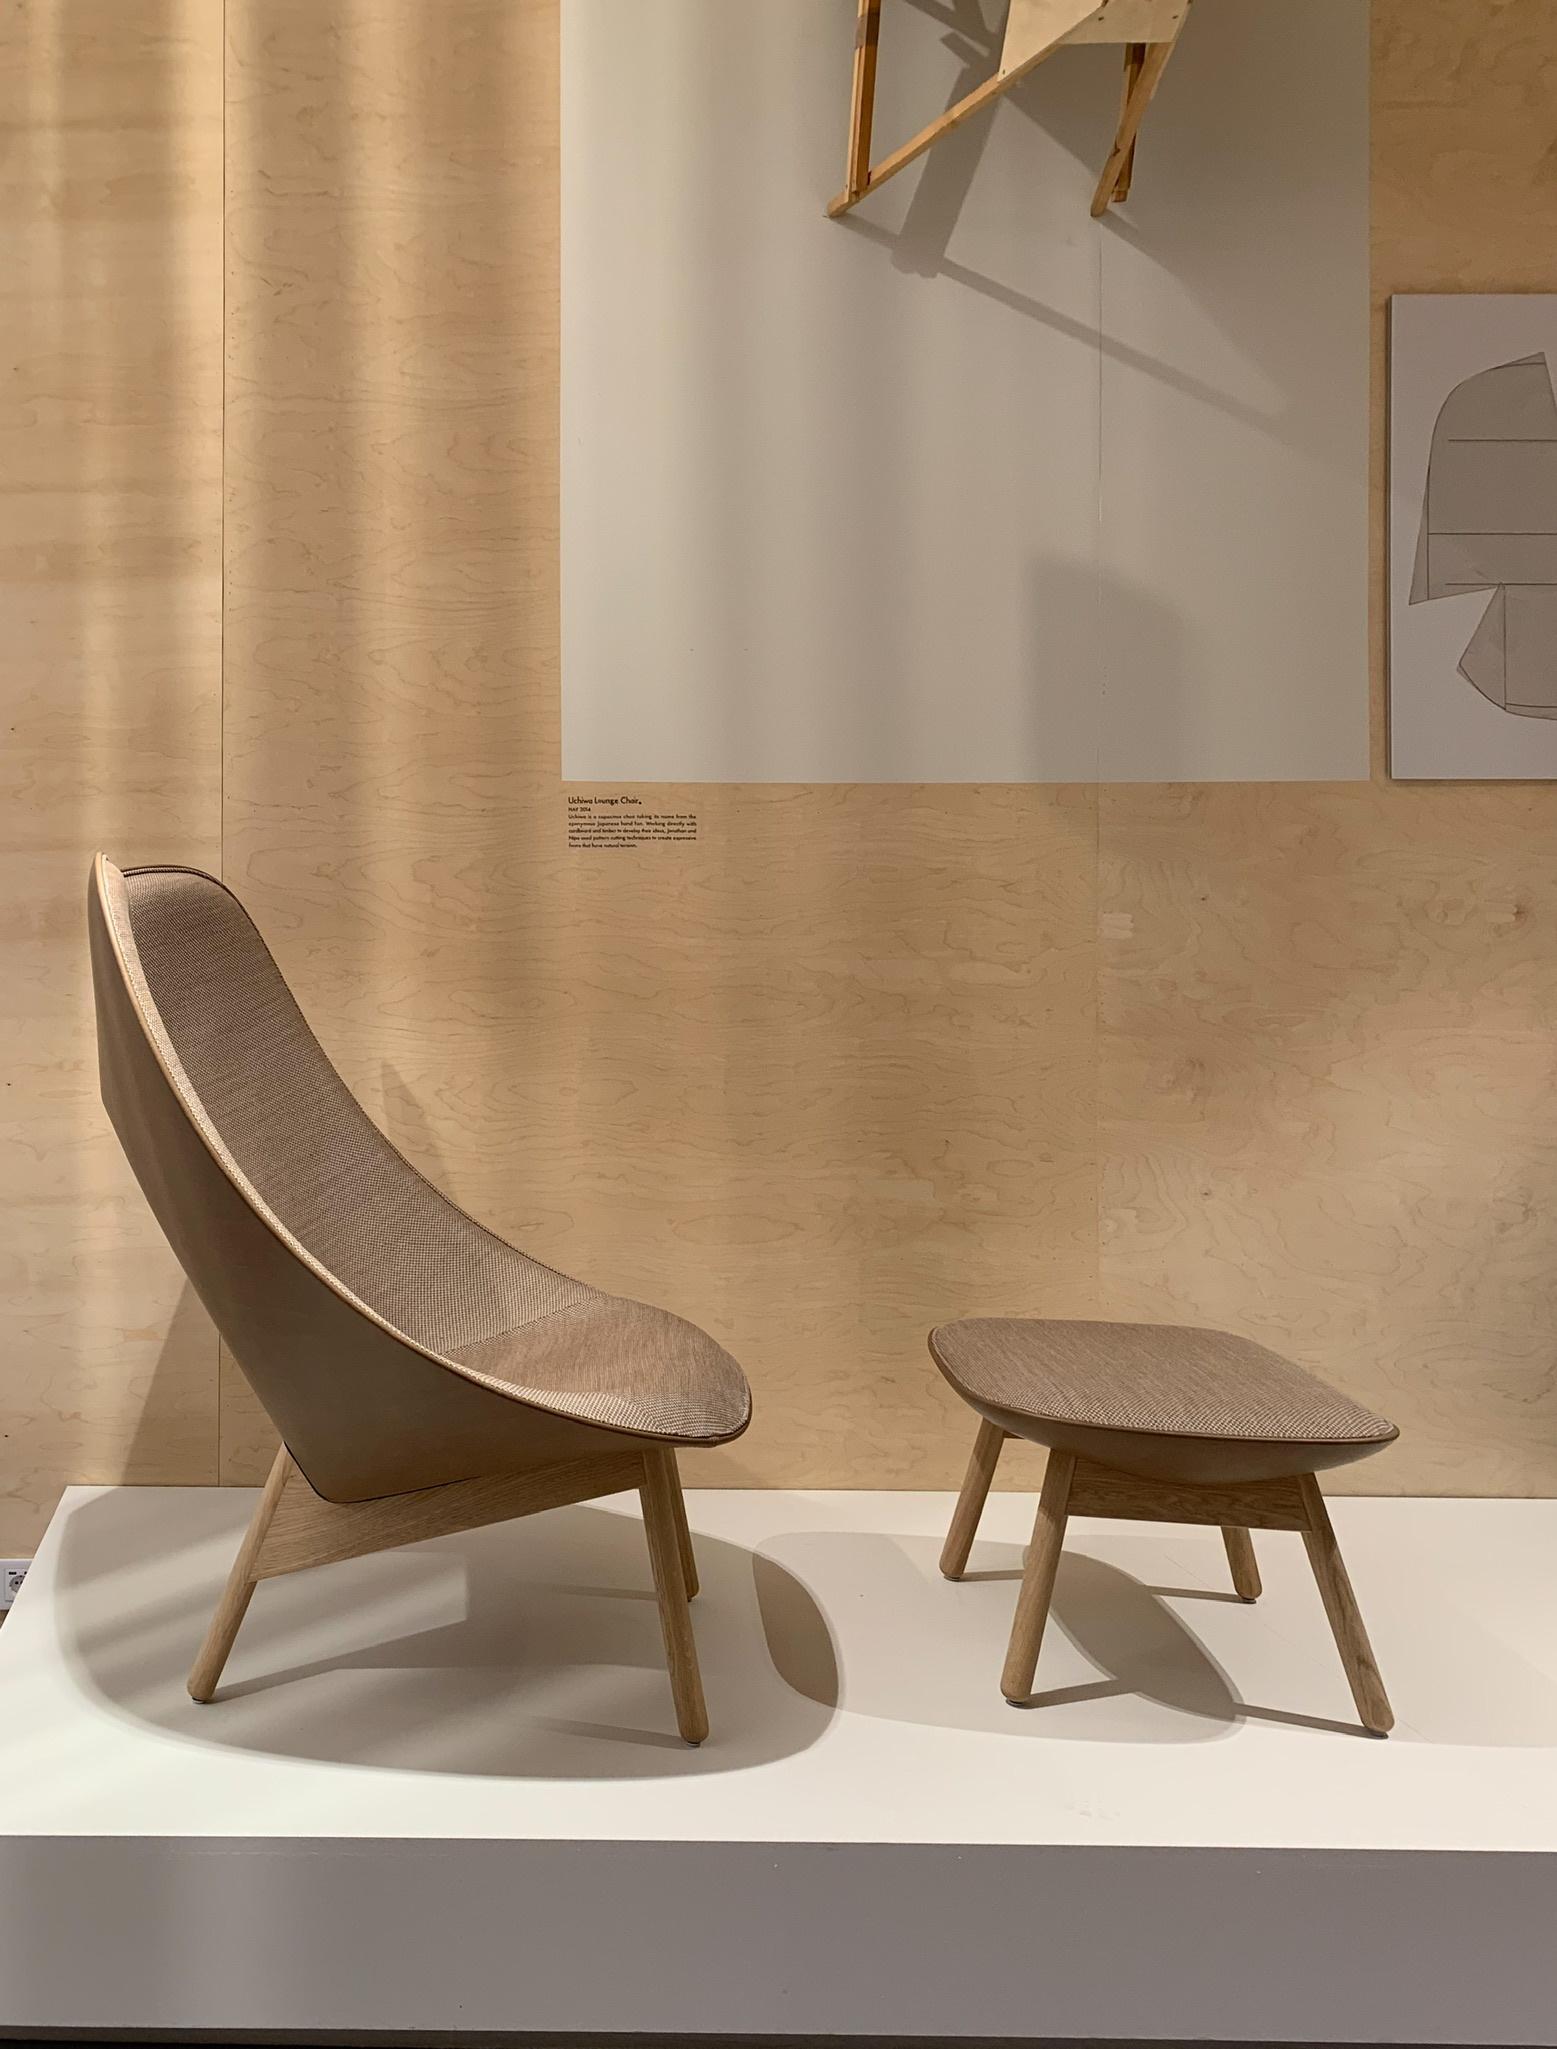 Неделя дизайна в Стокгольме 2020: блог бюро P+Z (галерея 8, фото 2)